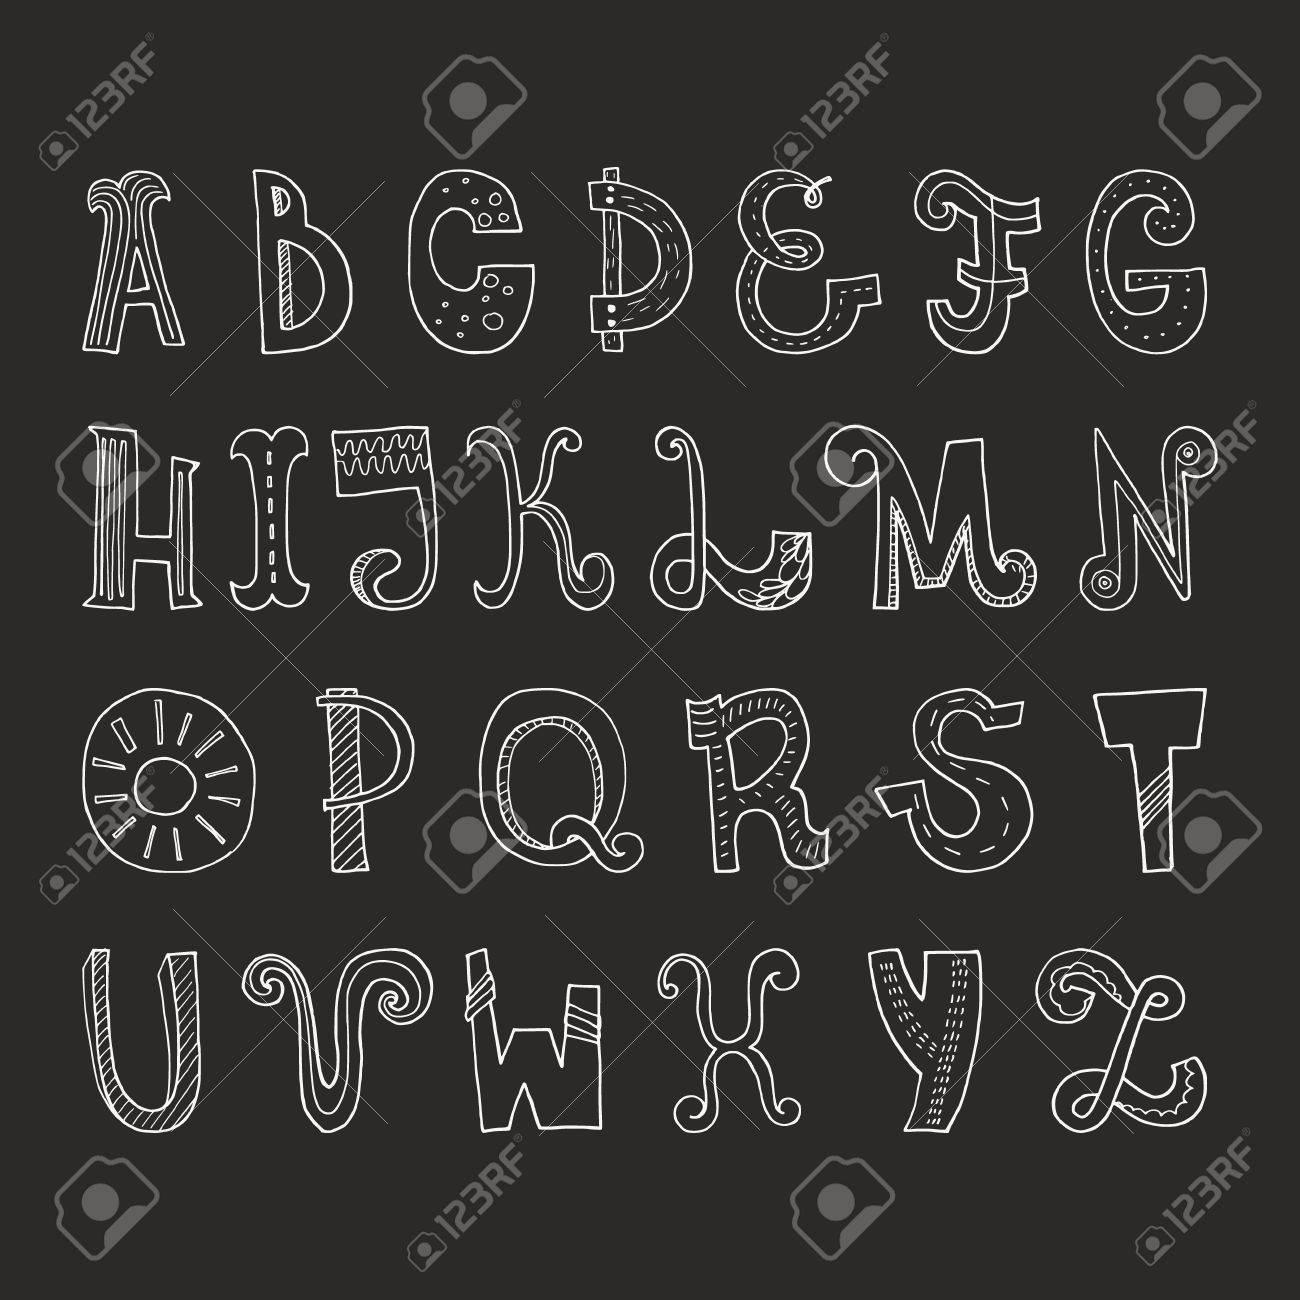 かわいい手にはベクトルはアルファベットが描かれましたあなたのデザインのための Abc簡単に使用し文字を編集します